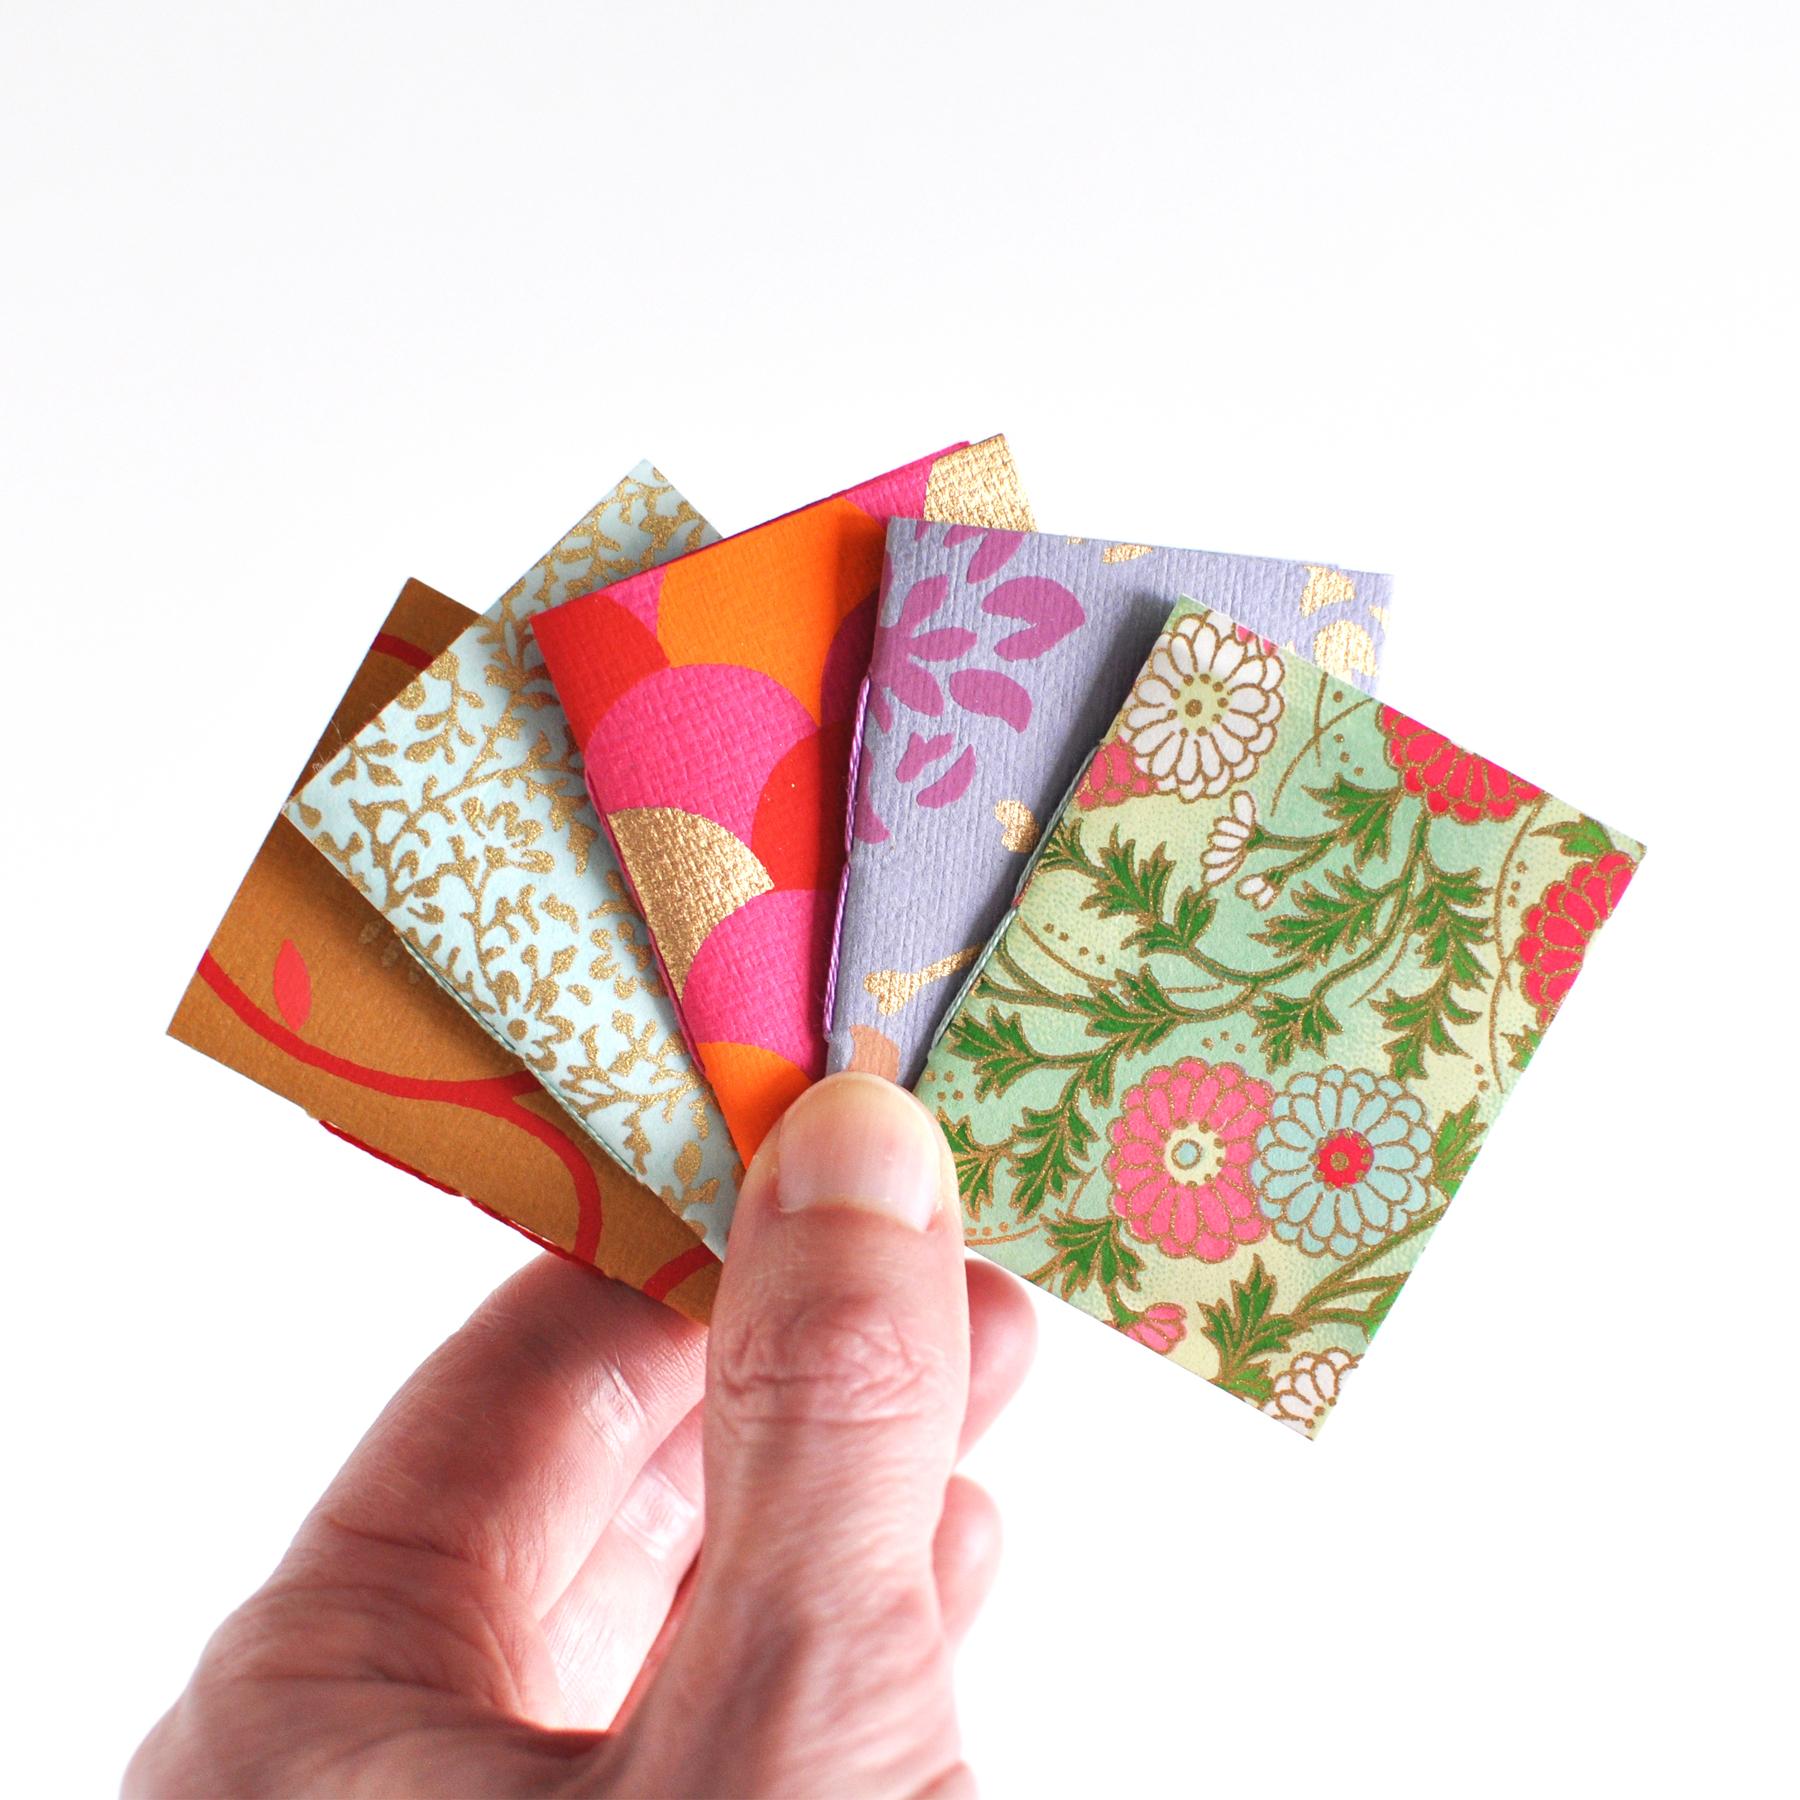 Mini-journal-and-envelopes-1f.jpg